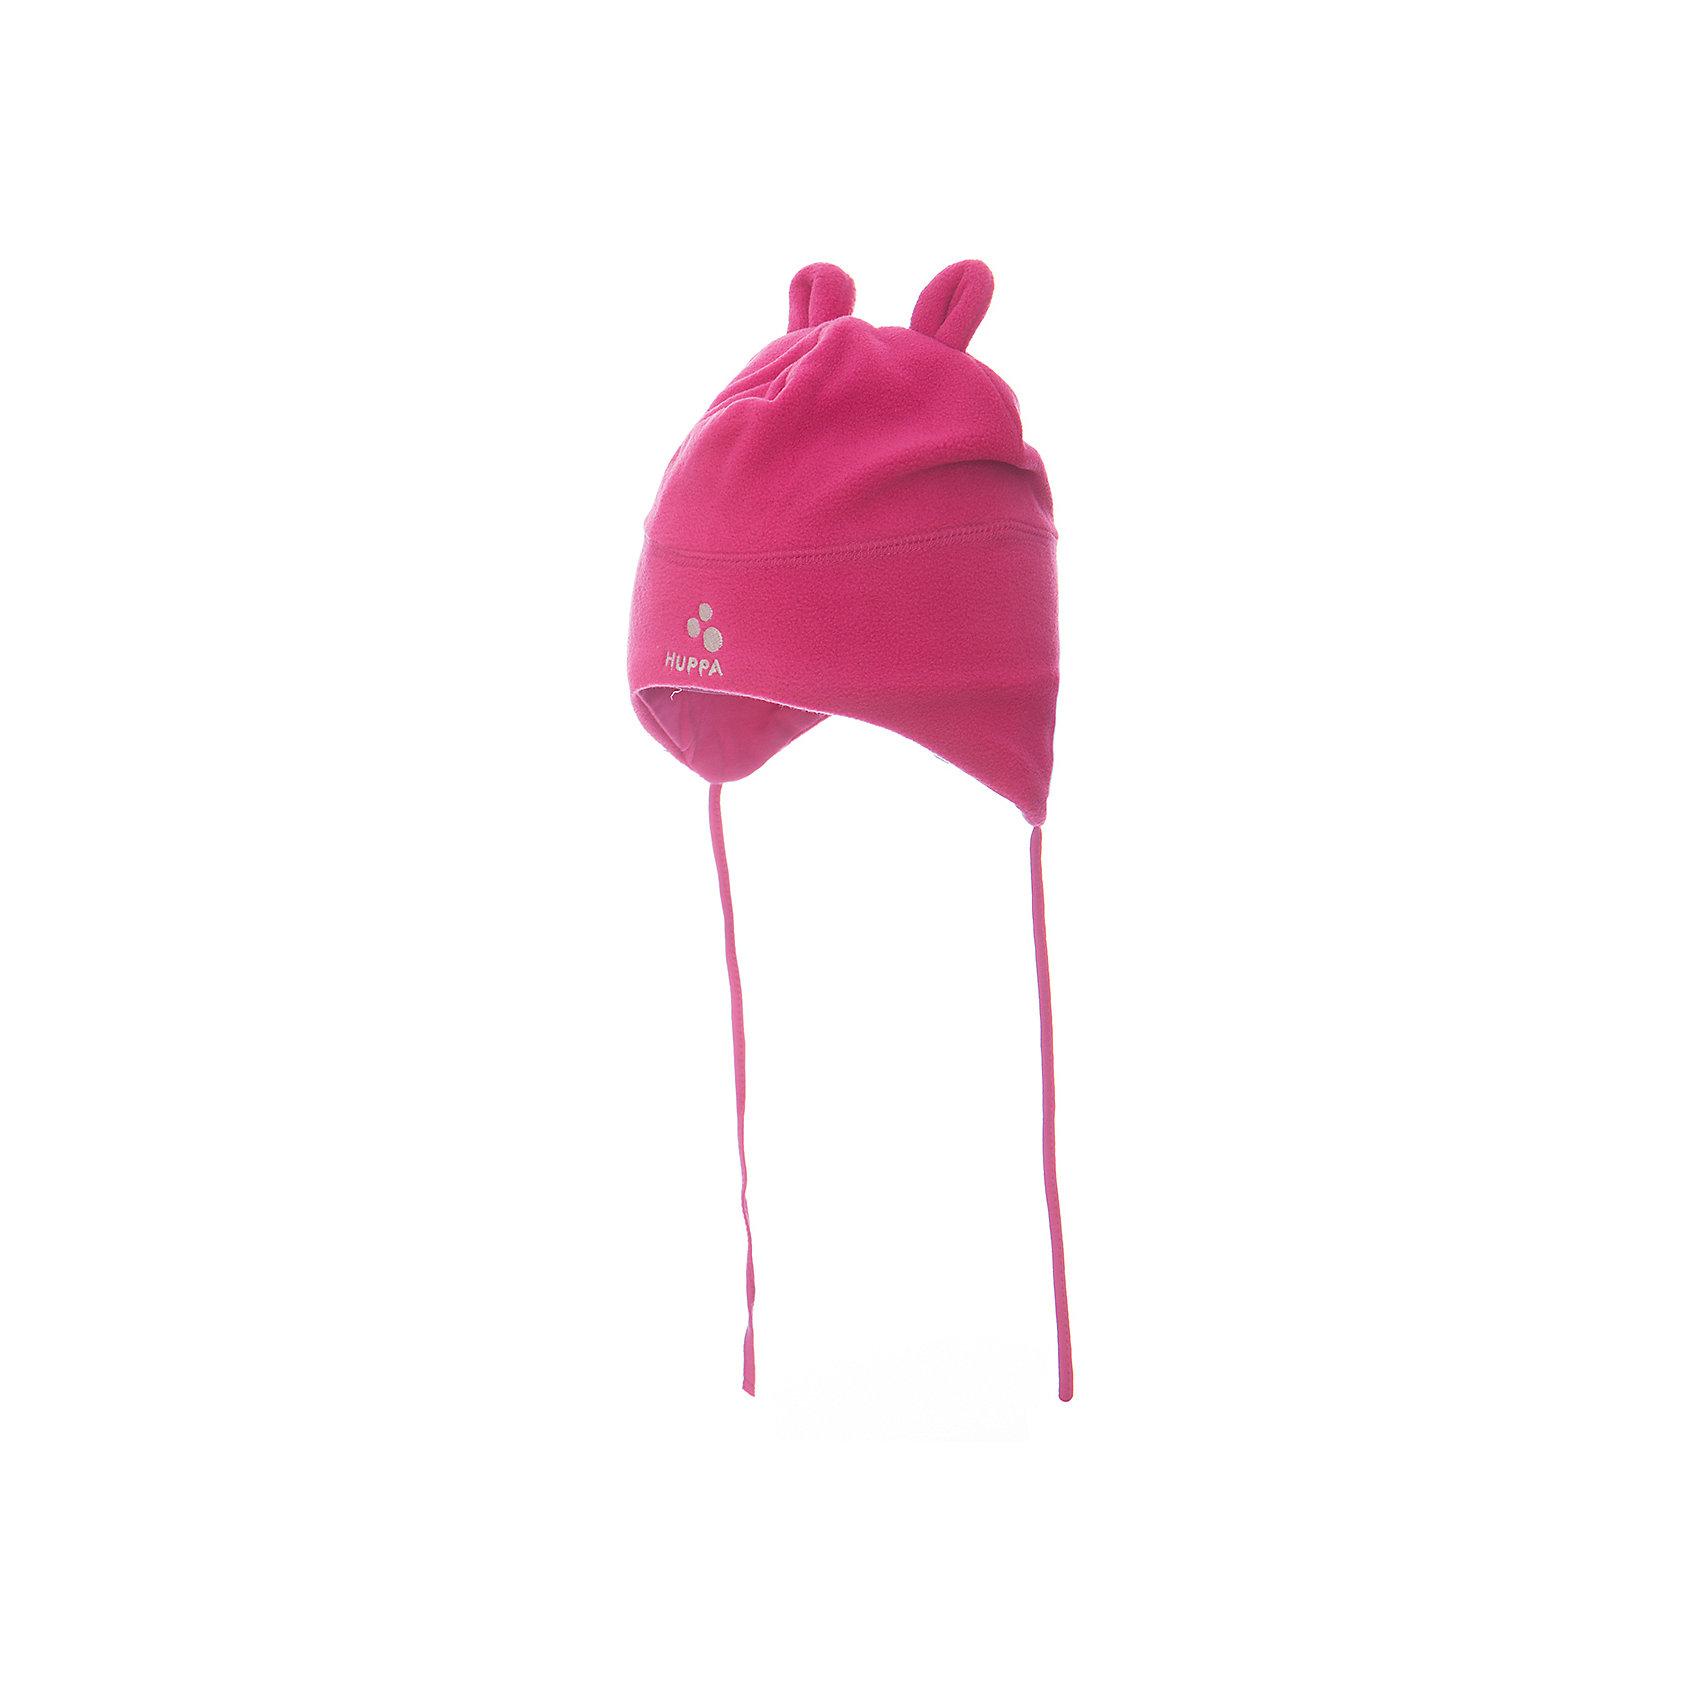 Шапка Winnie для девочки HuppaШапочки<br>Характеристики товара:<br><br>• цвет: розовый<br>• состав: 100% полиэстер (флис), подкладка - 100% хлопок<br>• температурный режим: от 0°С до +10°С<br>• завязки<br>• ушки<br>• можно надевать под капюшон<br>• декорирована вышивкой с логотипом<br>• комфортная посадка<br>• мягкий материал<br>• страна бренда: Эстония<br><br>Эта шапка обеспечит малышам тепло и комфорт. Она сделана из приятного на ощупь материала с мягким ворсом, поэтому изделие не колется и не натирает. Подкладка выполнена из дышащего и гипоаллергенного хлопка. Шапка очень симпатично смотрится, а дизайн и отделка добавляют ей оригинальности. Модель была разработана специально для малышей.<br><br>Одежда и обувь от популярного эстонского бренда Huppa - отличный вариант одеть ребенка можно и комфортно. Вещи, выпускаемые компанией, качественные, продуманные и очень удобные. Для производства изделий используются только безопасные для детей материалы. Продукция от Huppa порадует и детей, и их родителей!<br><br>Шапку для девочки от бренда Huppa (Хуппа) можно купить в нашем интернет-магазине.<br><br>Ширина мм: 89<br>Глубина мм: 117<br>Высота мм: 44<br>Вес г: 155<br>Цвет: розовый<br>Возраст от месяцев: 12<br>Возраст до месяцев: 24<br>Пол: Женский<br>Возраст: Детский<br>Размер: 47-49,39-41,43-45<br>SKU: 4041690